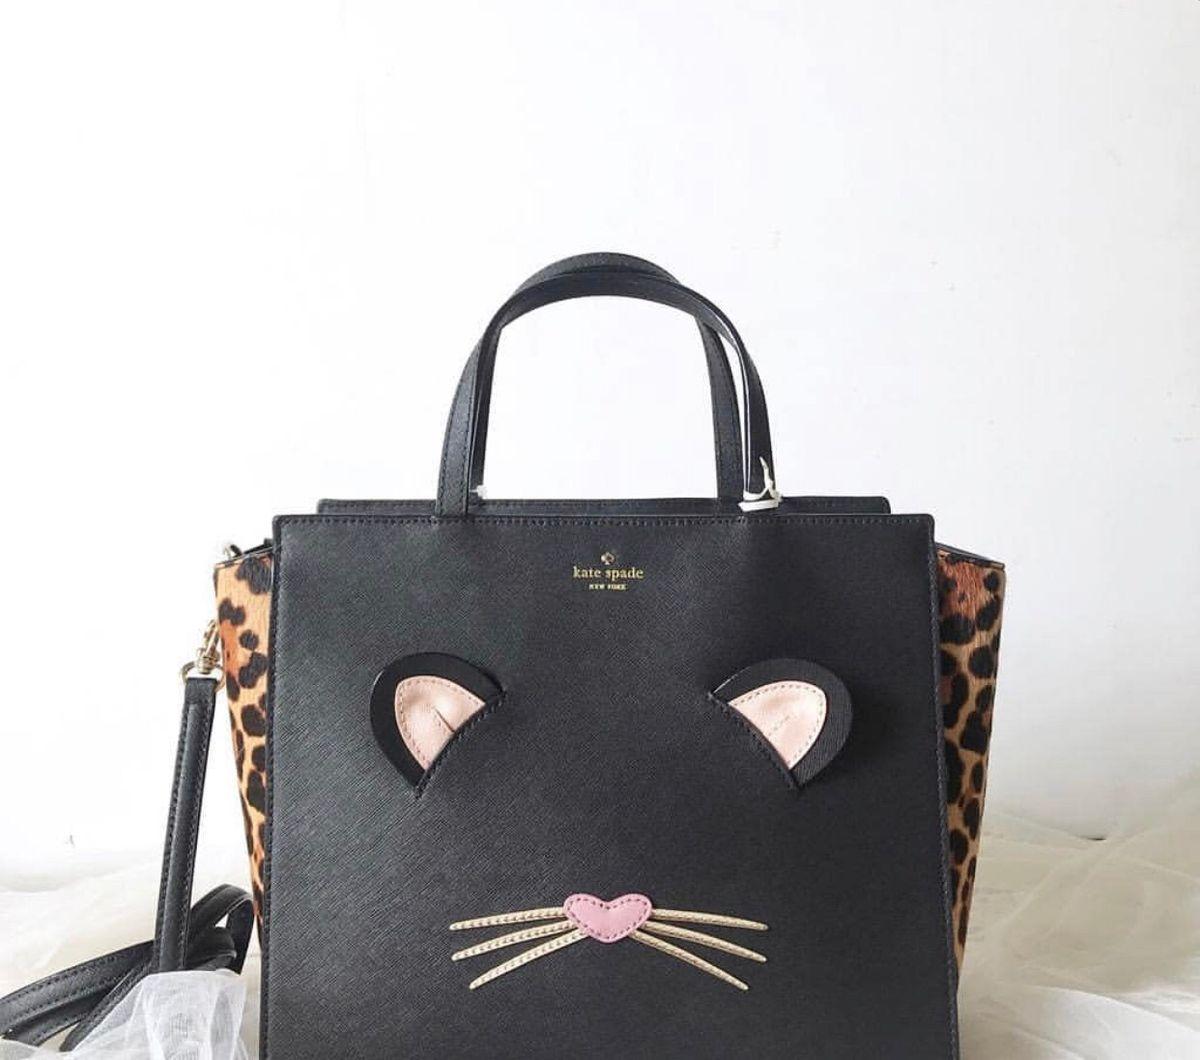 bolsa kate spade leopardo original - de mão kate-spade